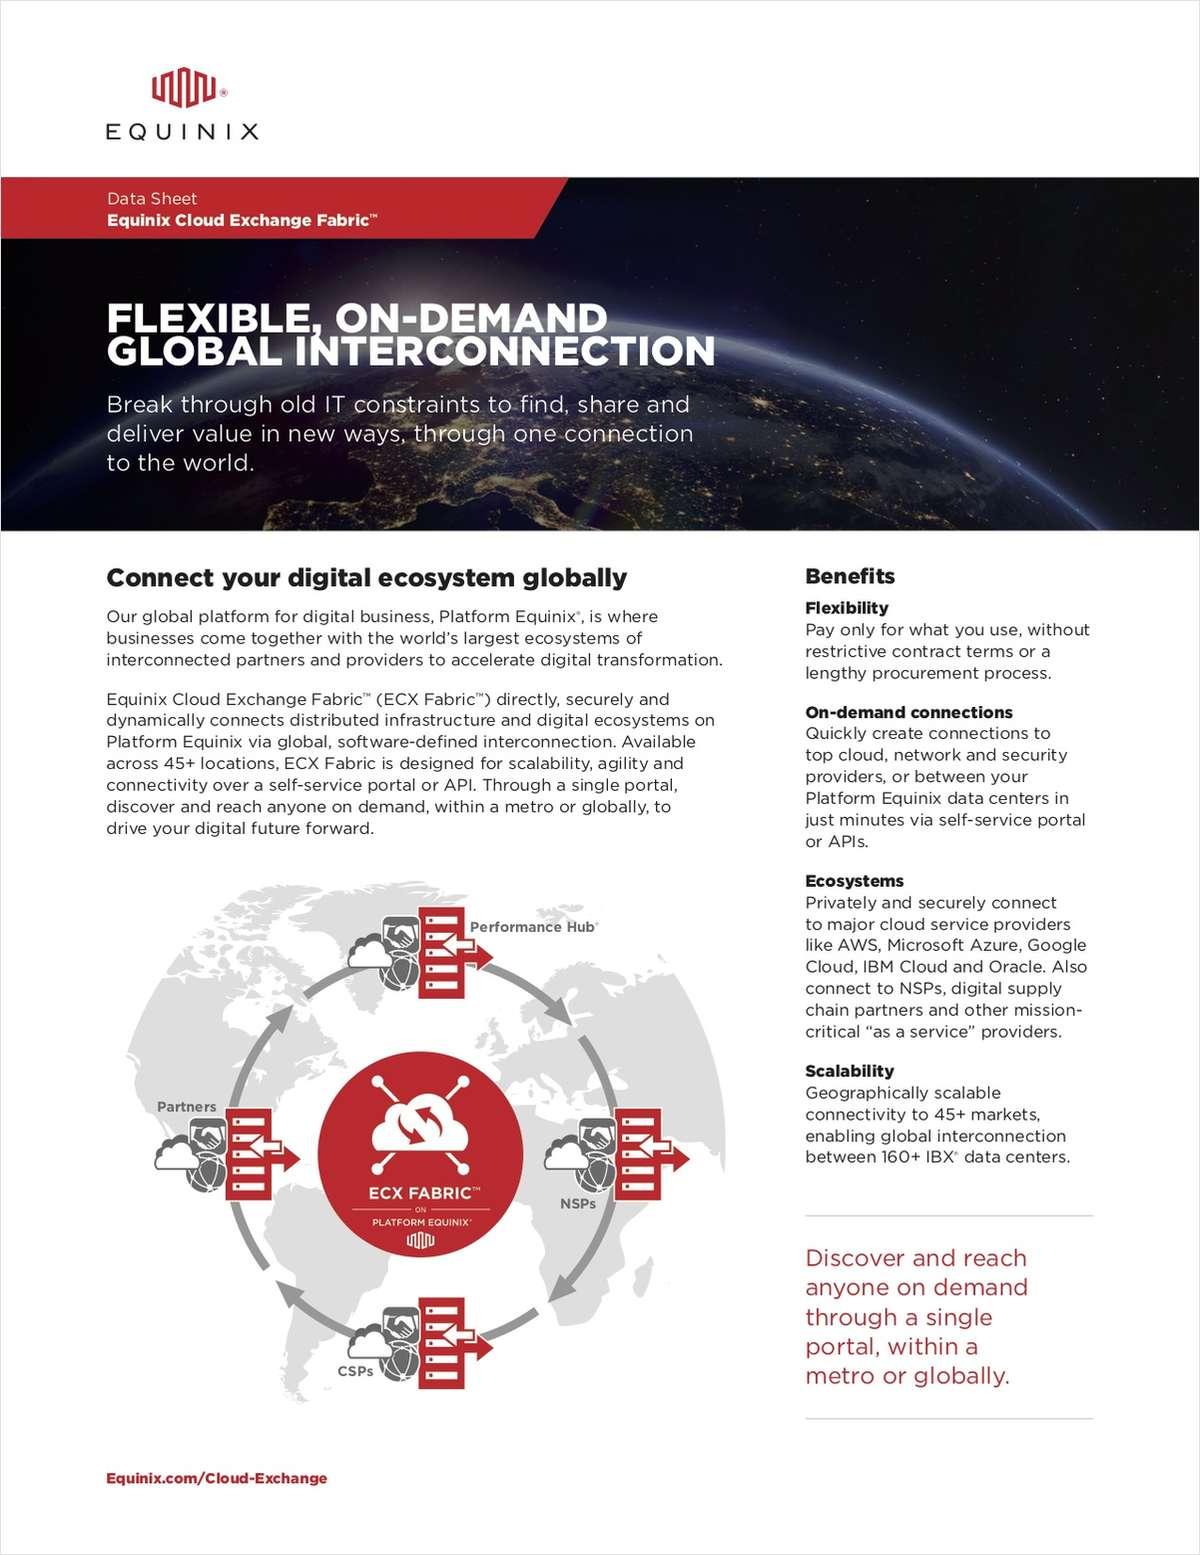 Data Sheet: Equinix Cloud Exchange Fabric